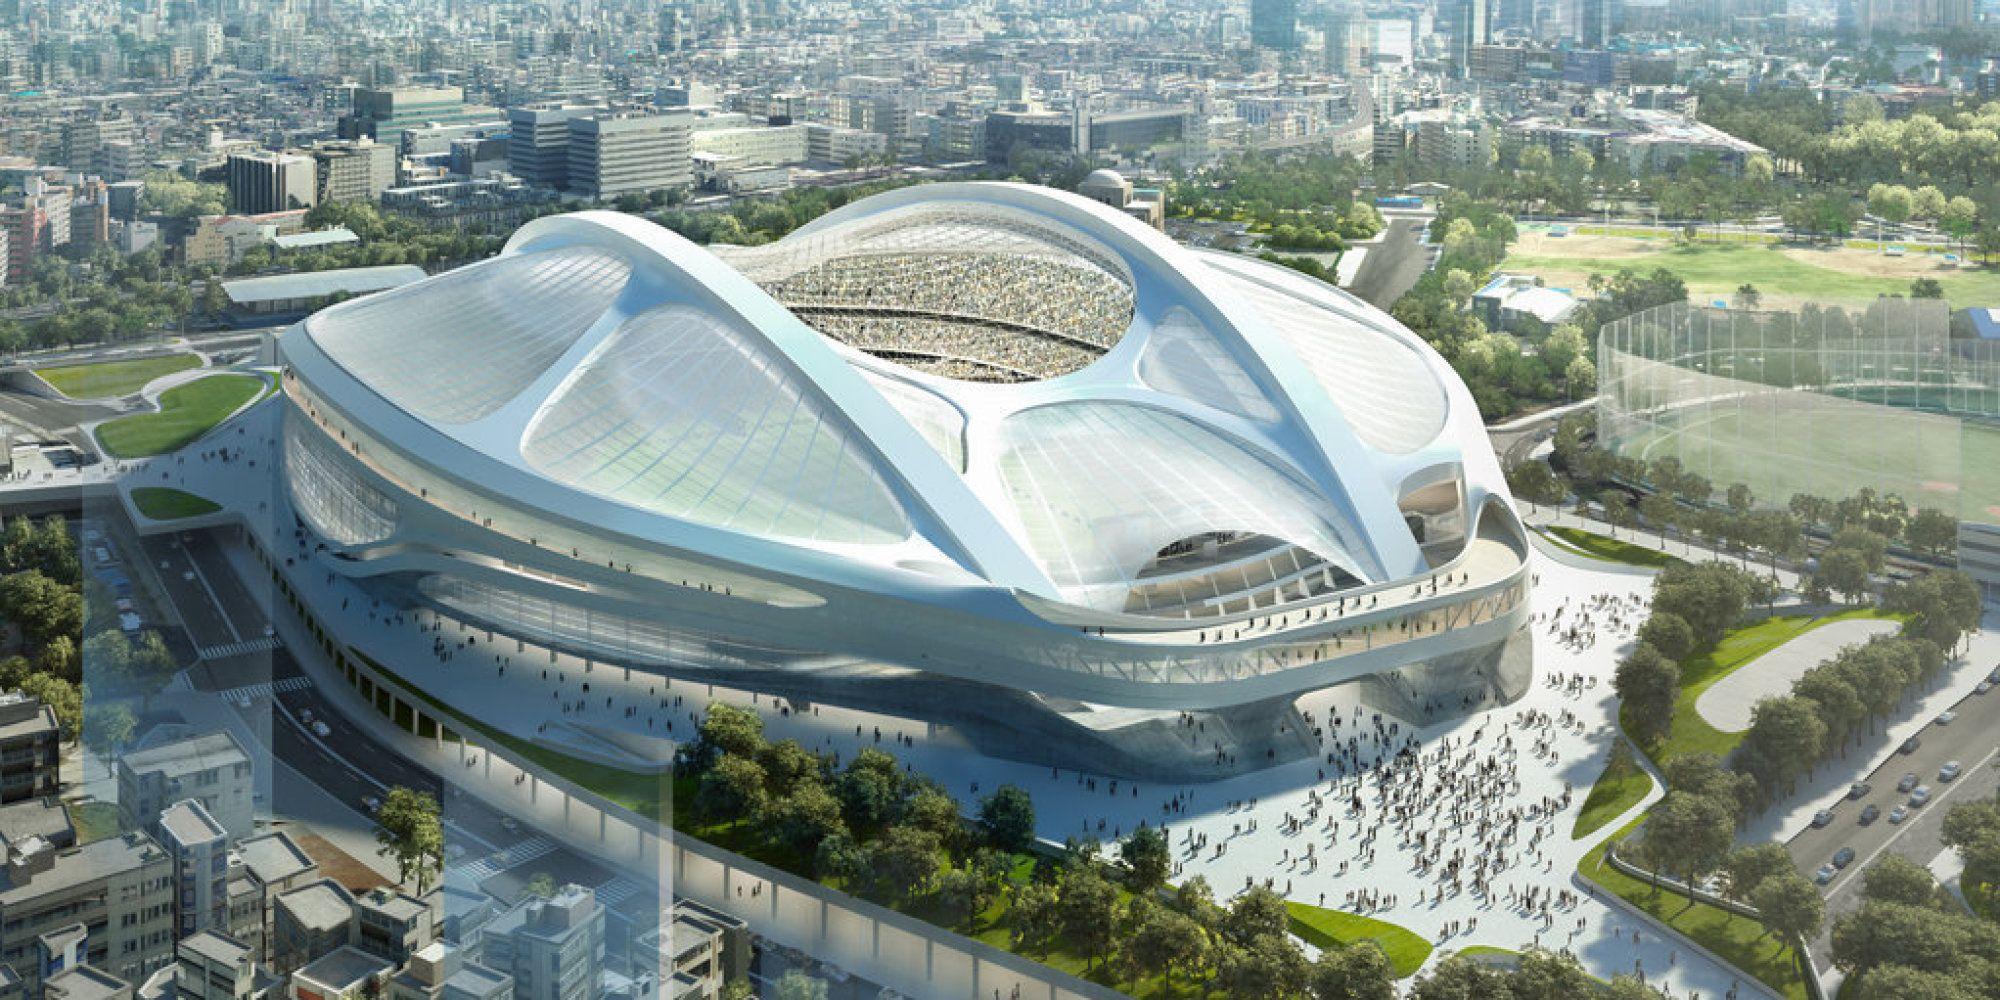 estádio retrô - Pesquisa Google